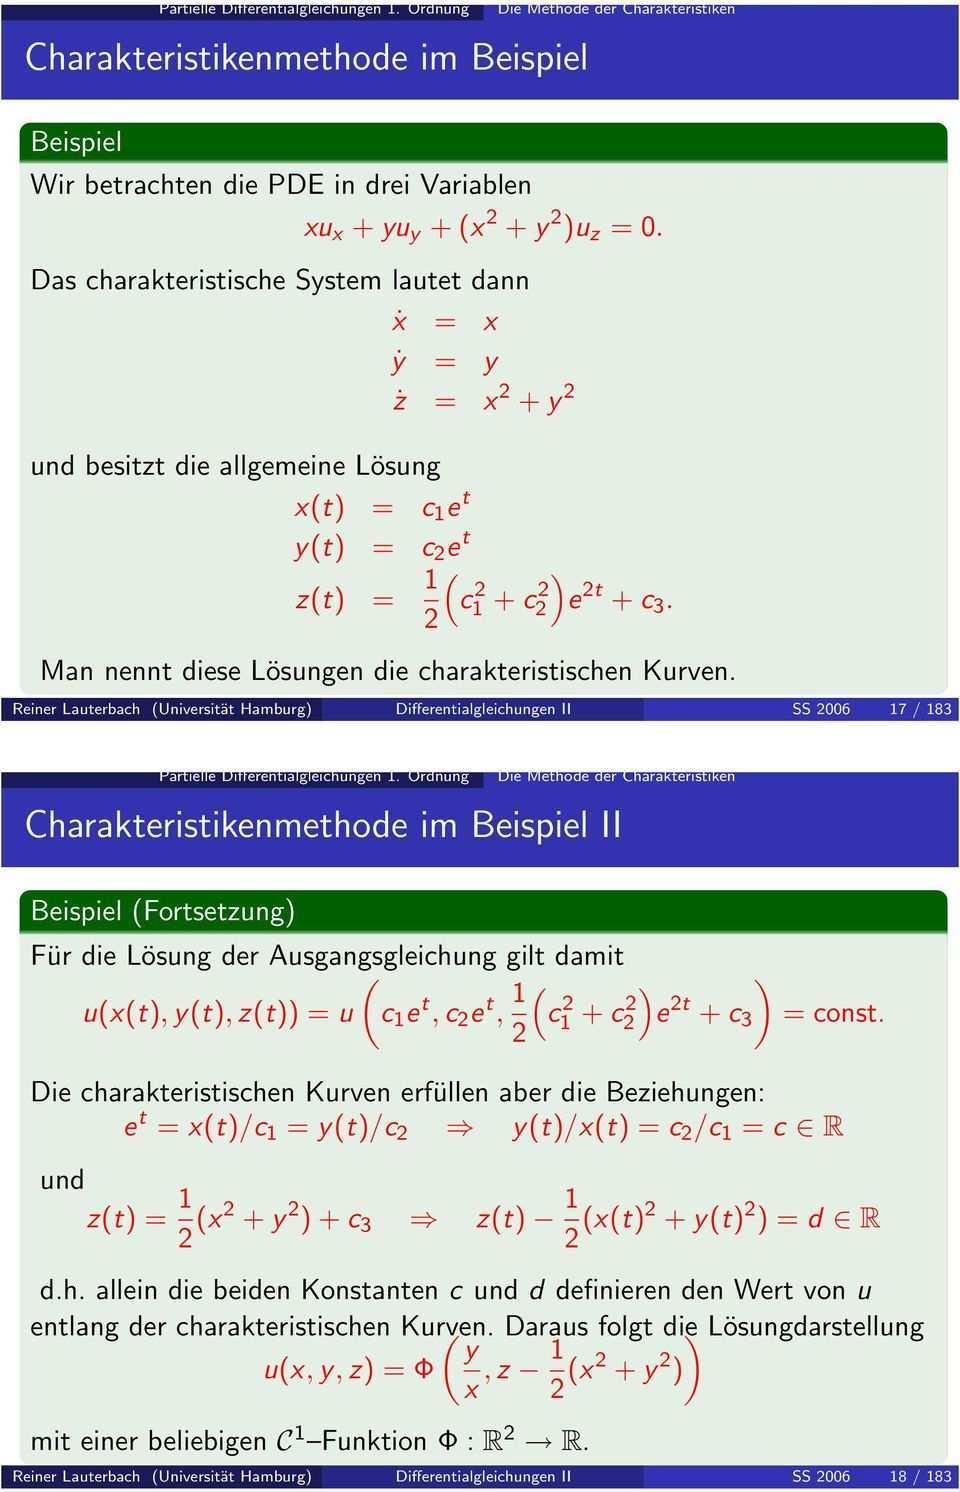 Charakteristikenmethode Im Beispiel Pdf Free Download